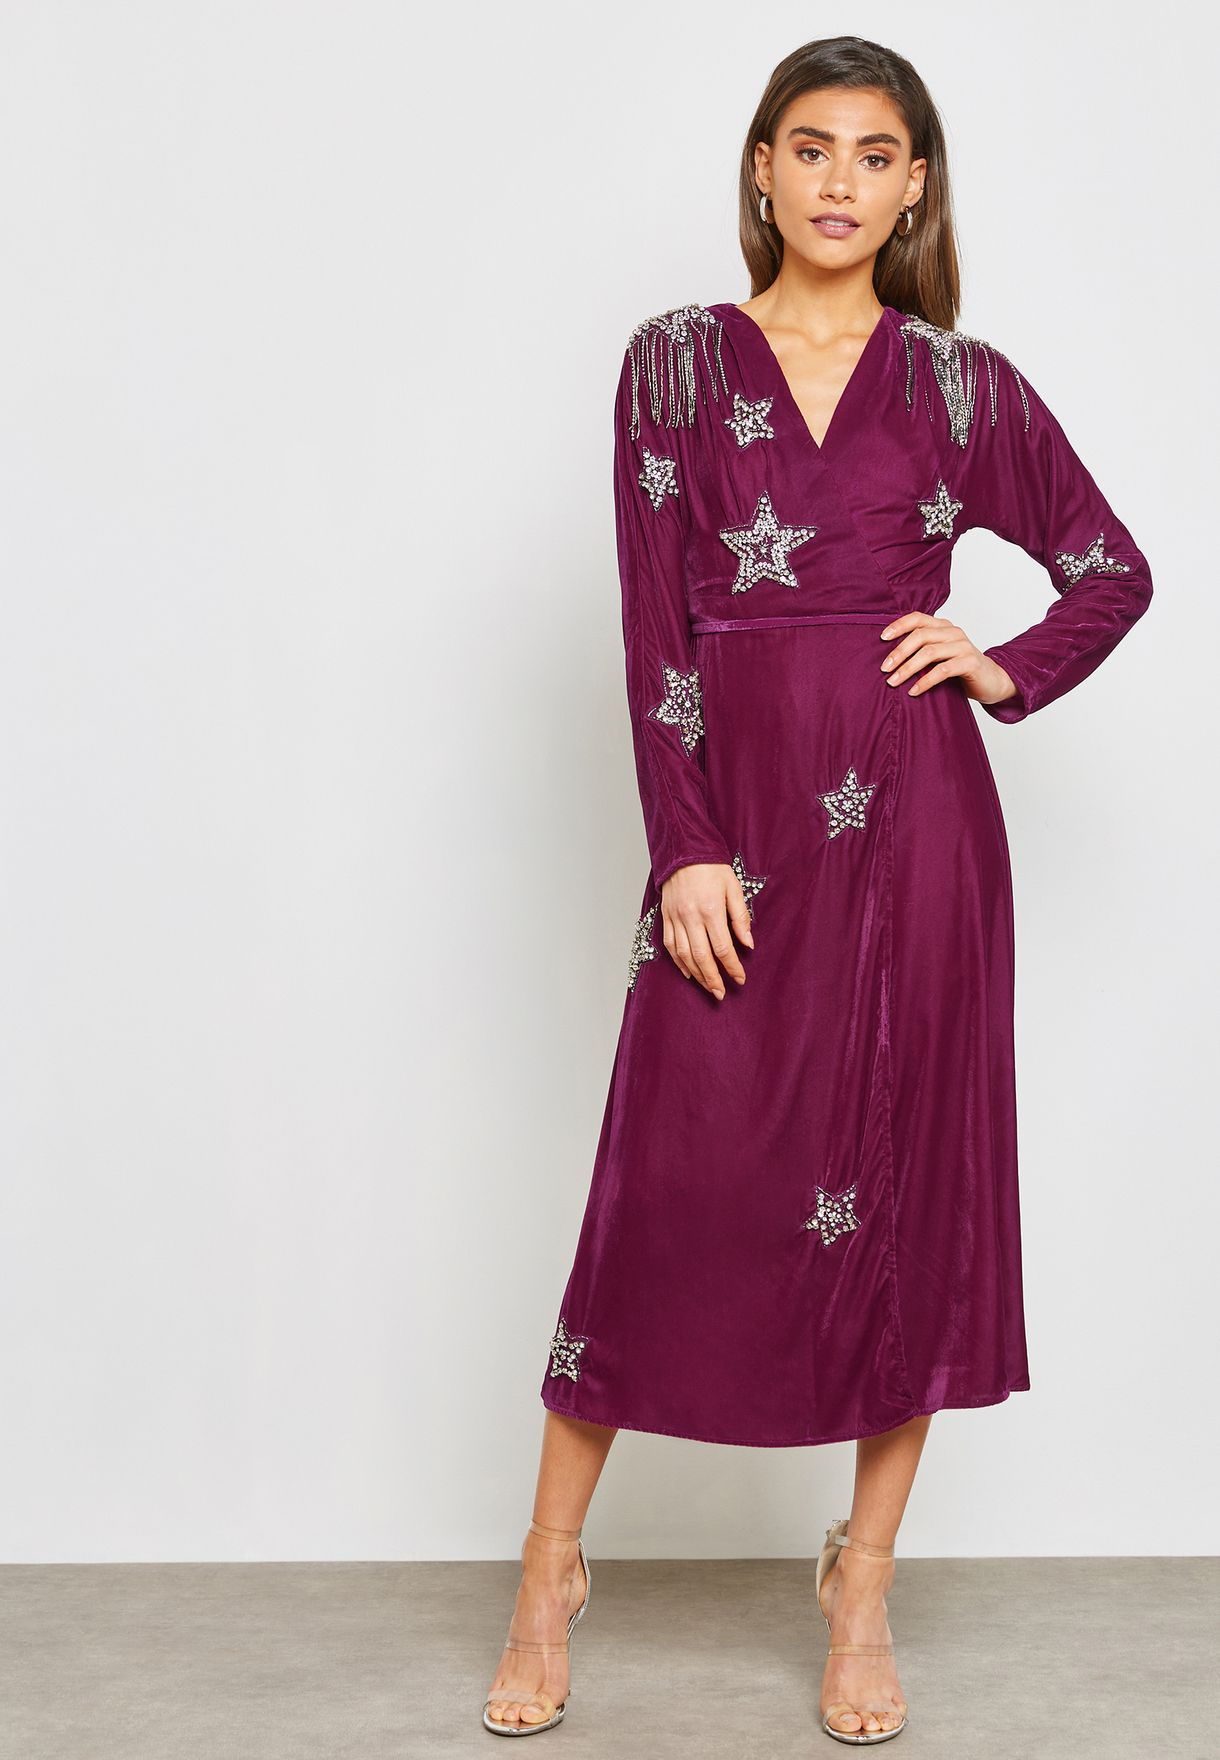 46436089d96f Shop Topshop purple Star Embellished Midi Dress 10K14PMAG for Women ...